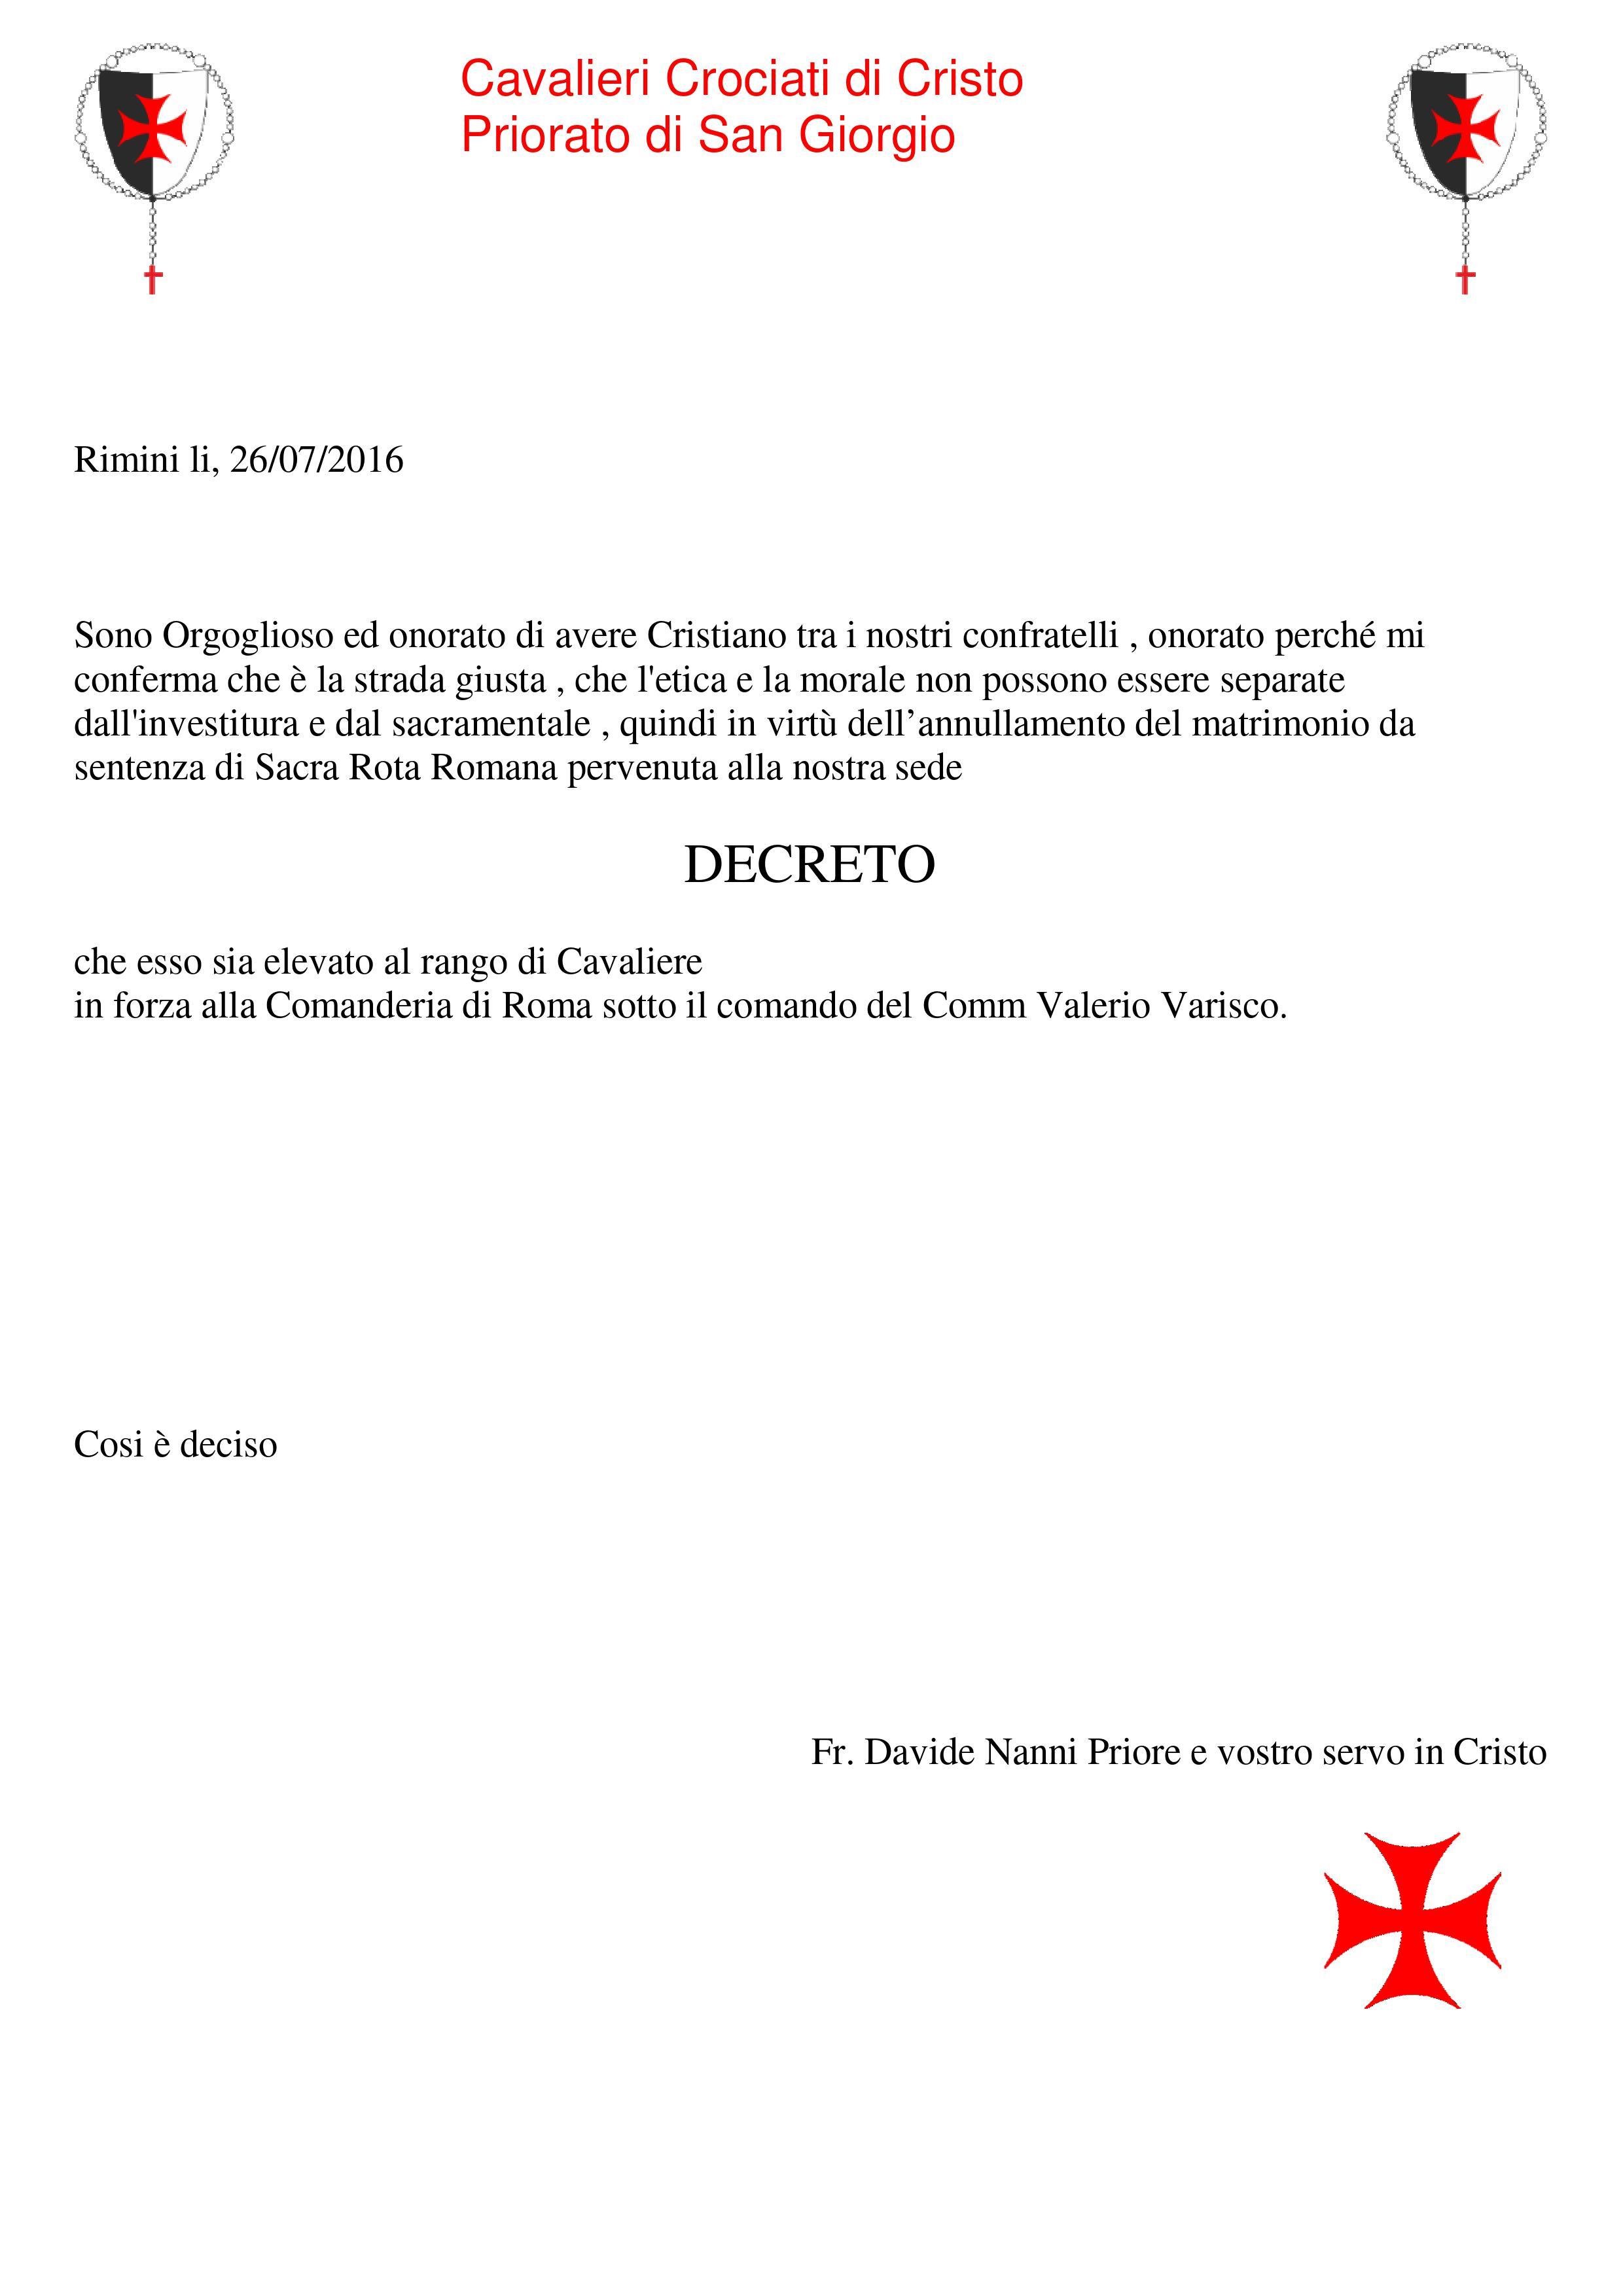 Decreto -2016-Cristiano